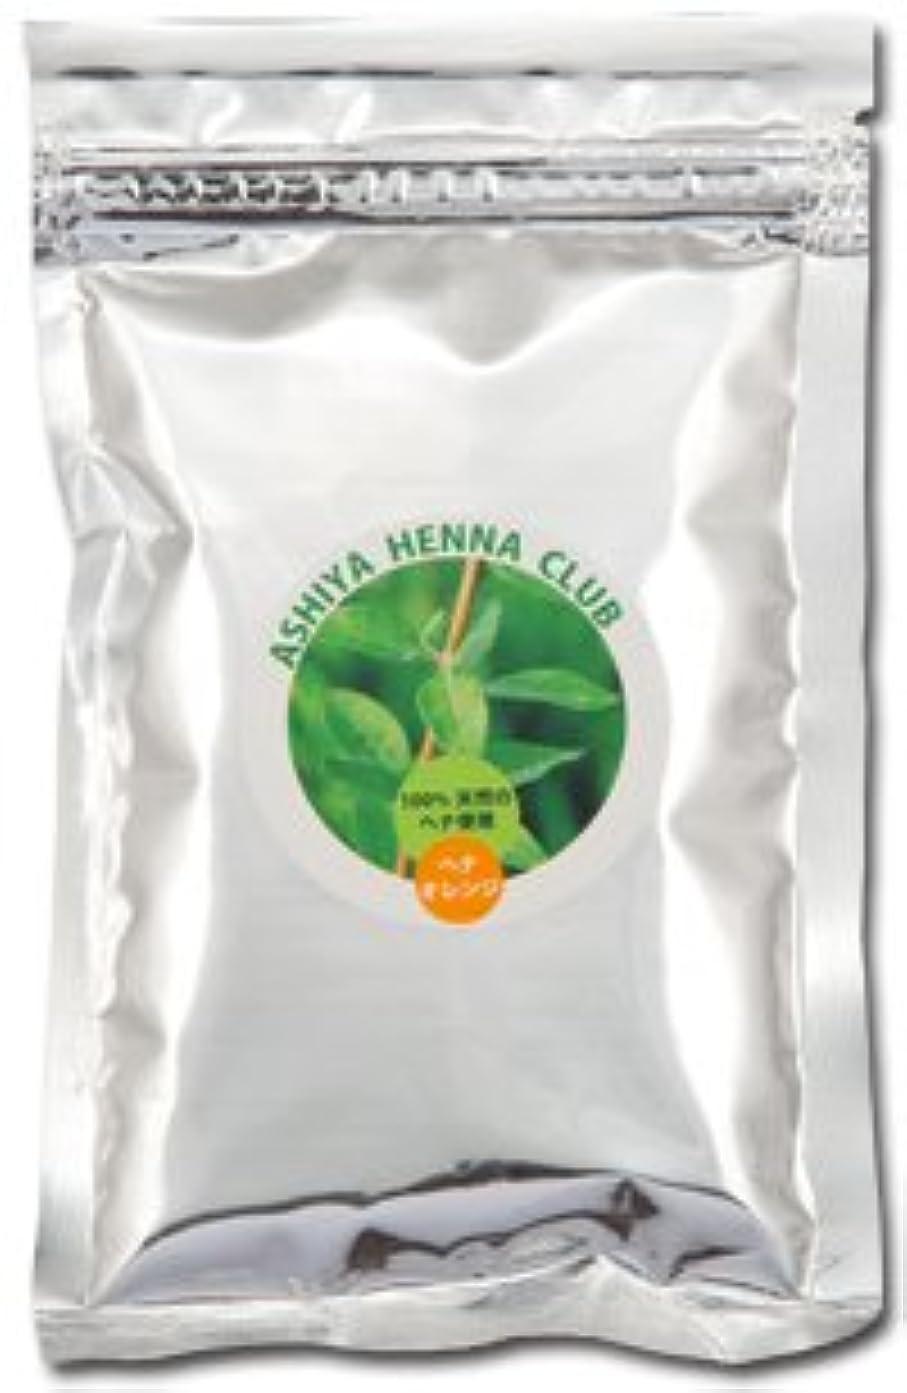 喉が渇いた分析的な夜間芦屋ヘナ倶楽部ハーバルヘナピュア(オレンジ)1個 Aランクの上級天然ヘナ100%